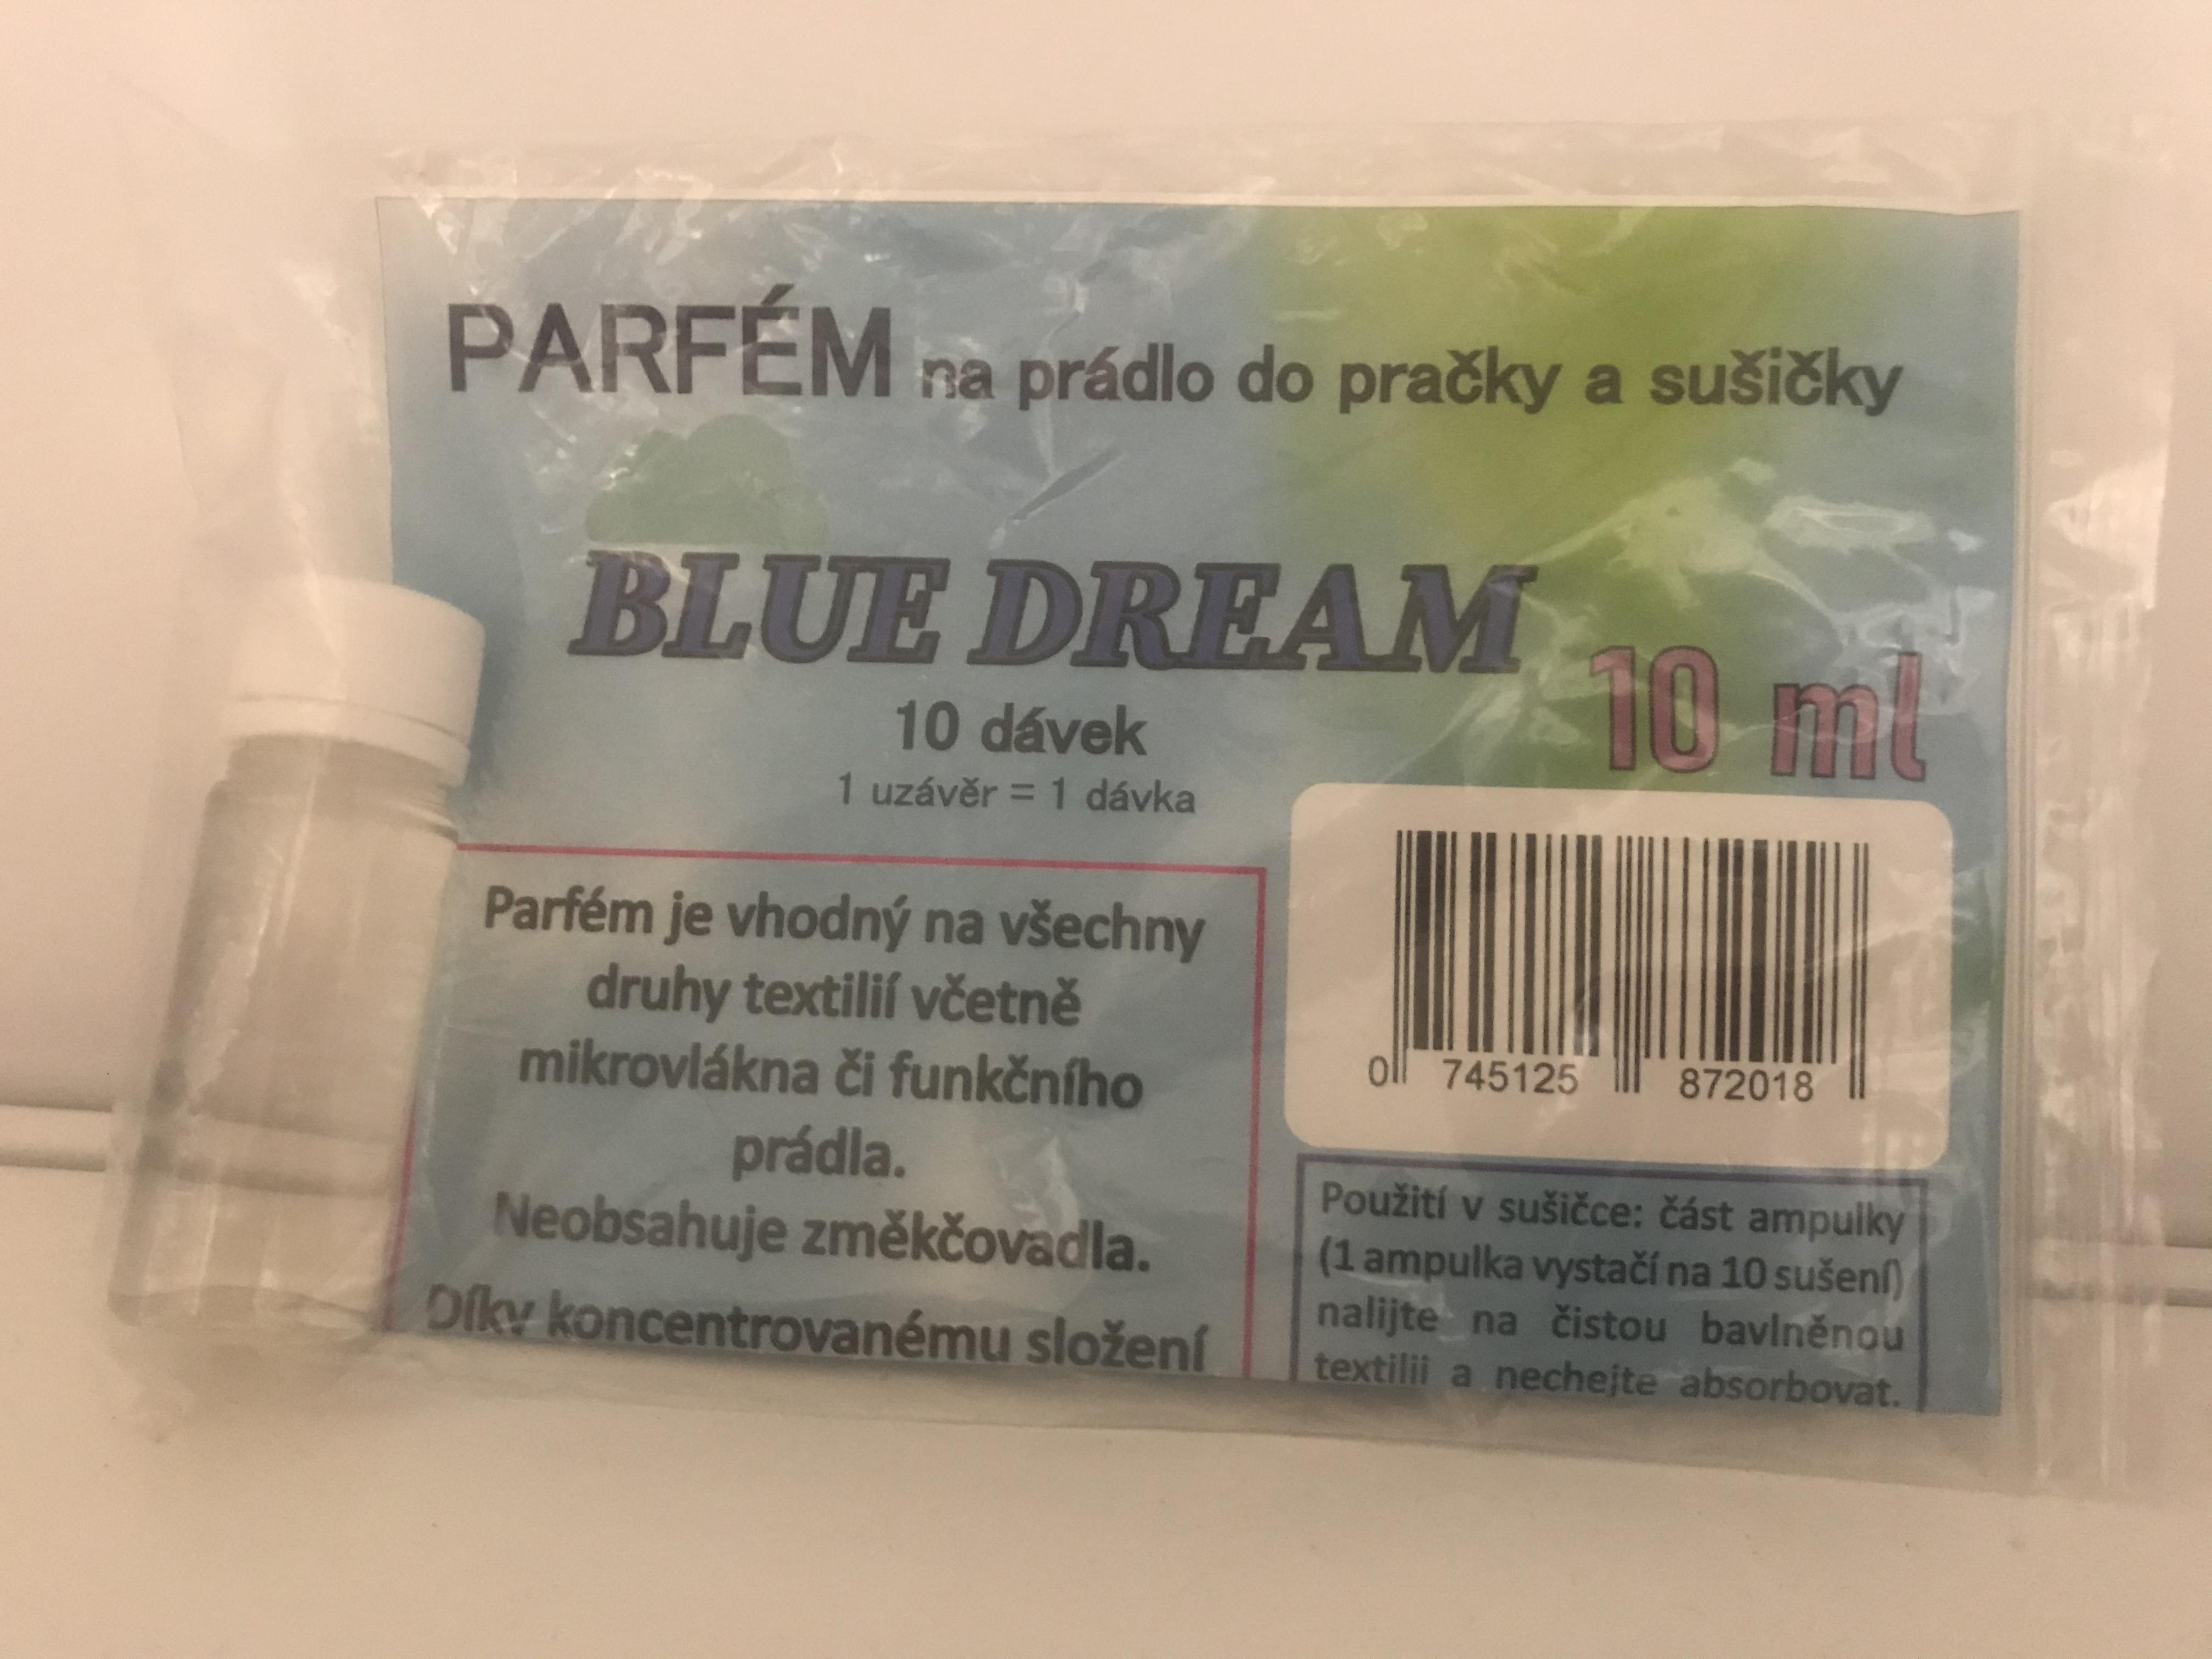 Blue dream 10 dávek - Parfém na prádlo do pračky a sušičky 10 ml